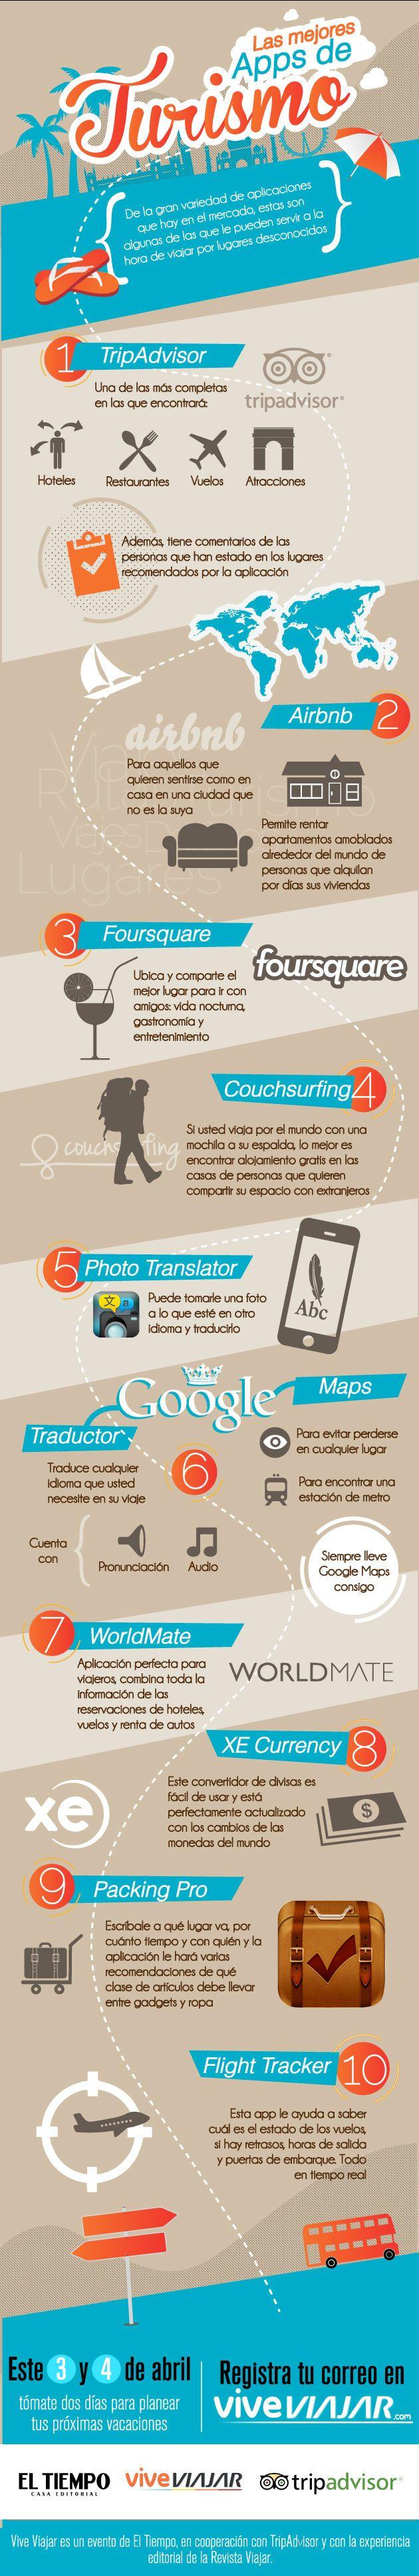 infografia-las-mejores-apps-de-turismo.jpeg (630×3873)